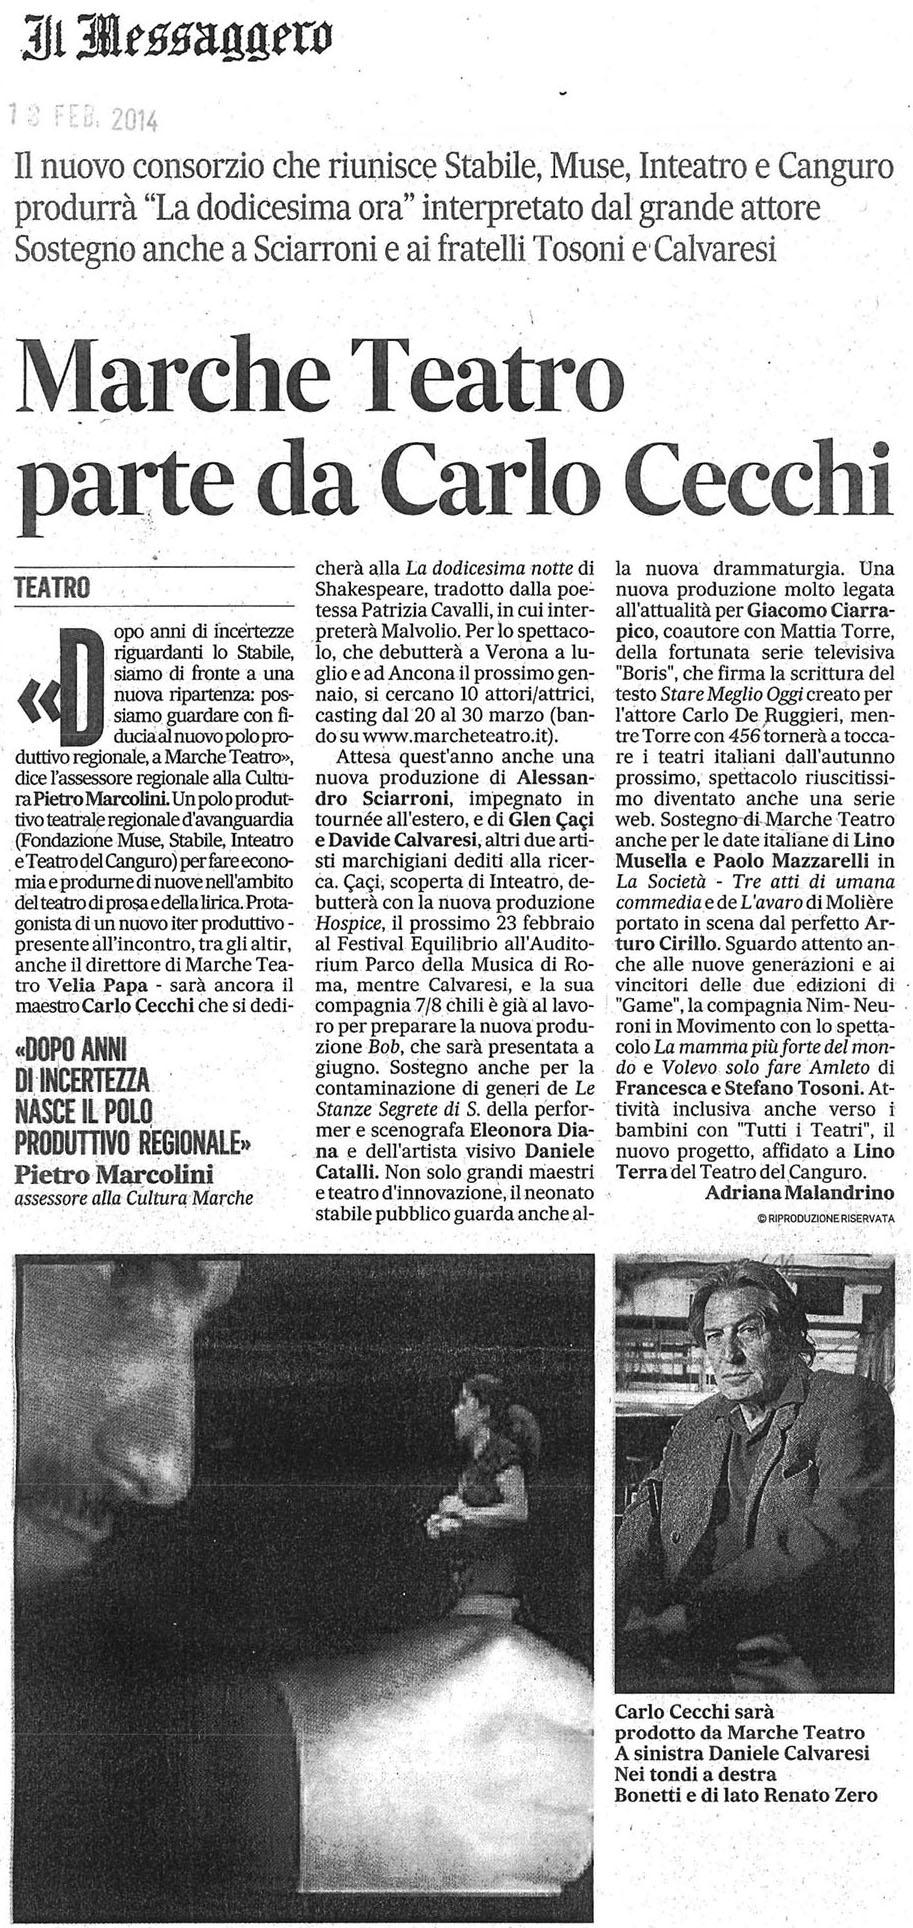 2014.02.18 marche teatro parte da carlo cecchi - il messaggero